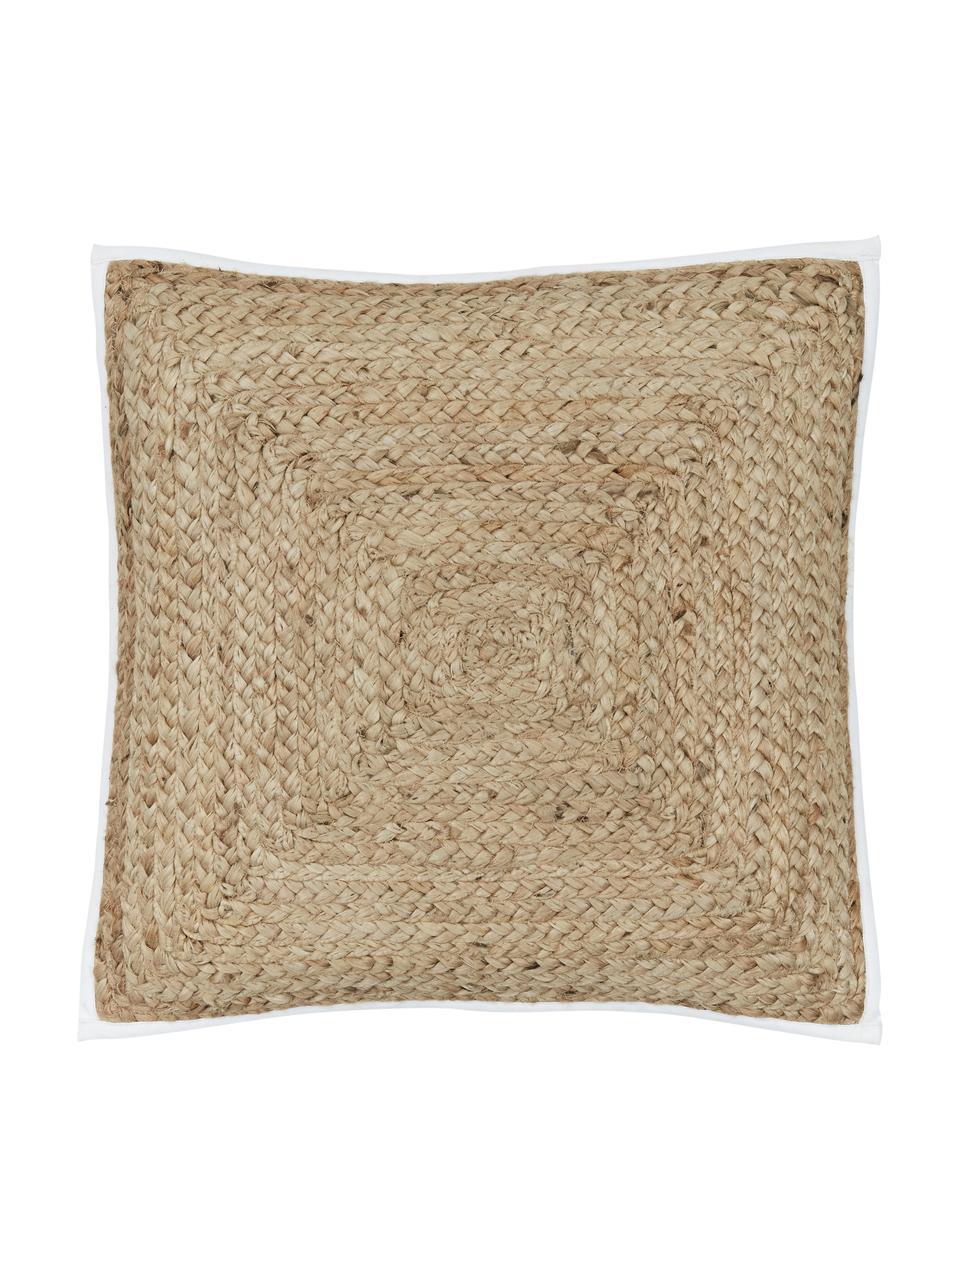 Poszewka na poduszkę z juty Justina, Beżowy, biały, S 45 x D 45 cm